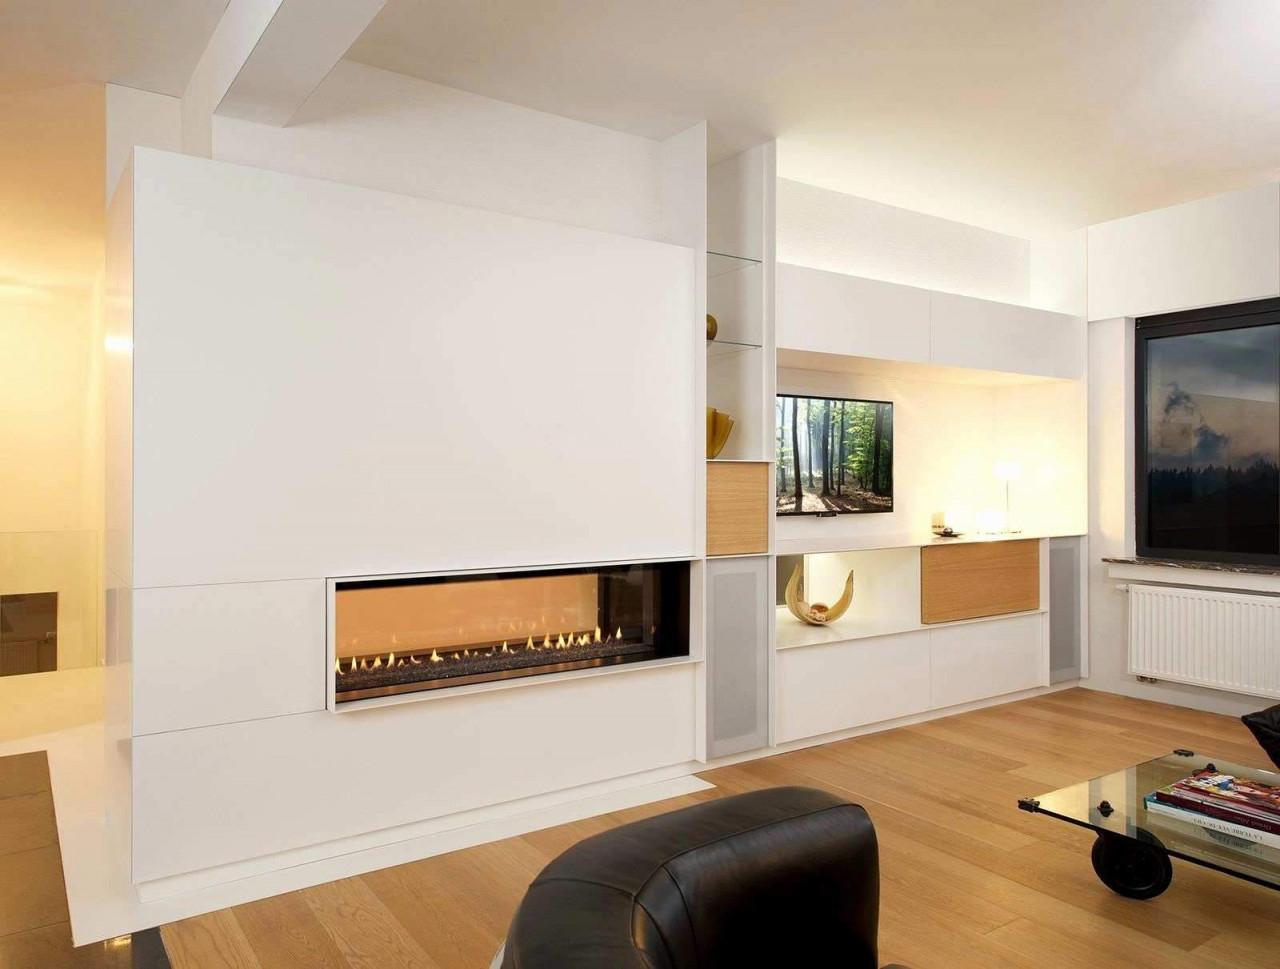 Raumteiler Wohnzimmer Essbereich Elegant Moderne Raumteiler von Moderne Trennwände Wohnzimmer Bild